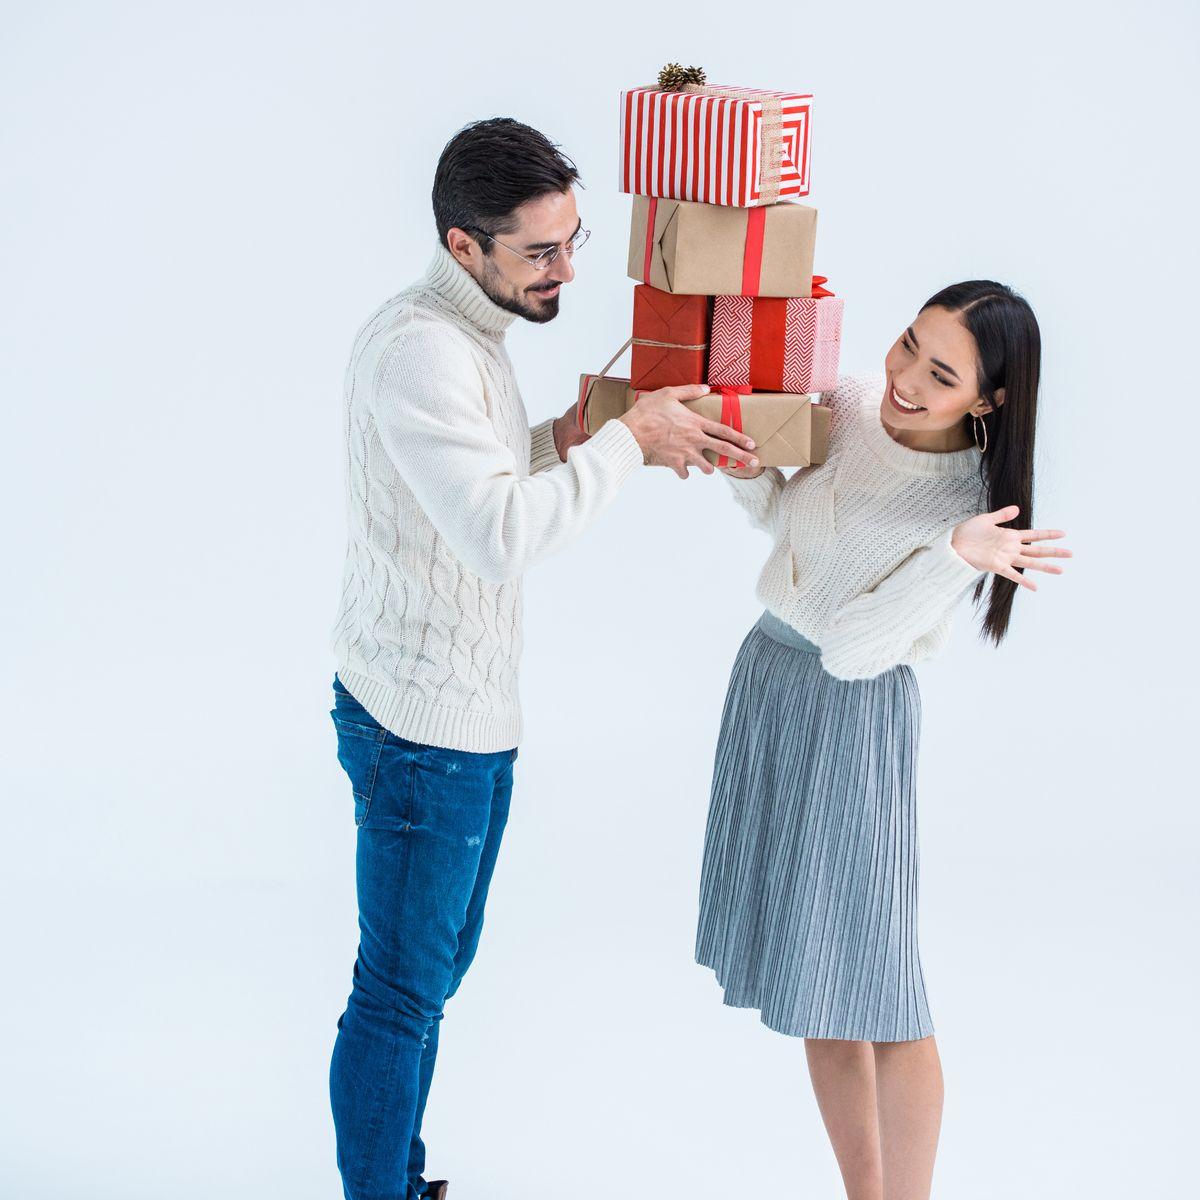 Tanda-tanda orang suka sama kita dengan memberi hadiah